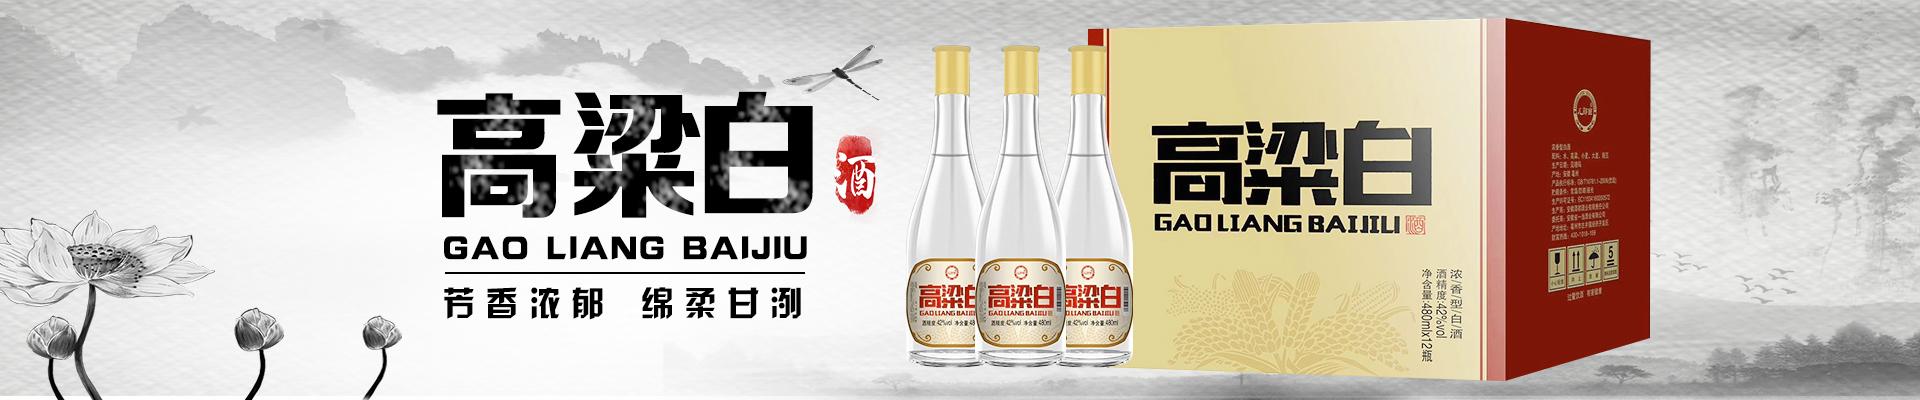 高粱白光瓶酒全国招商